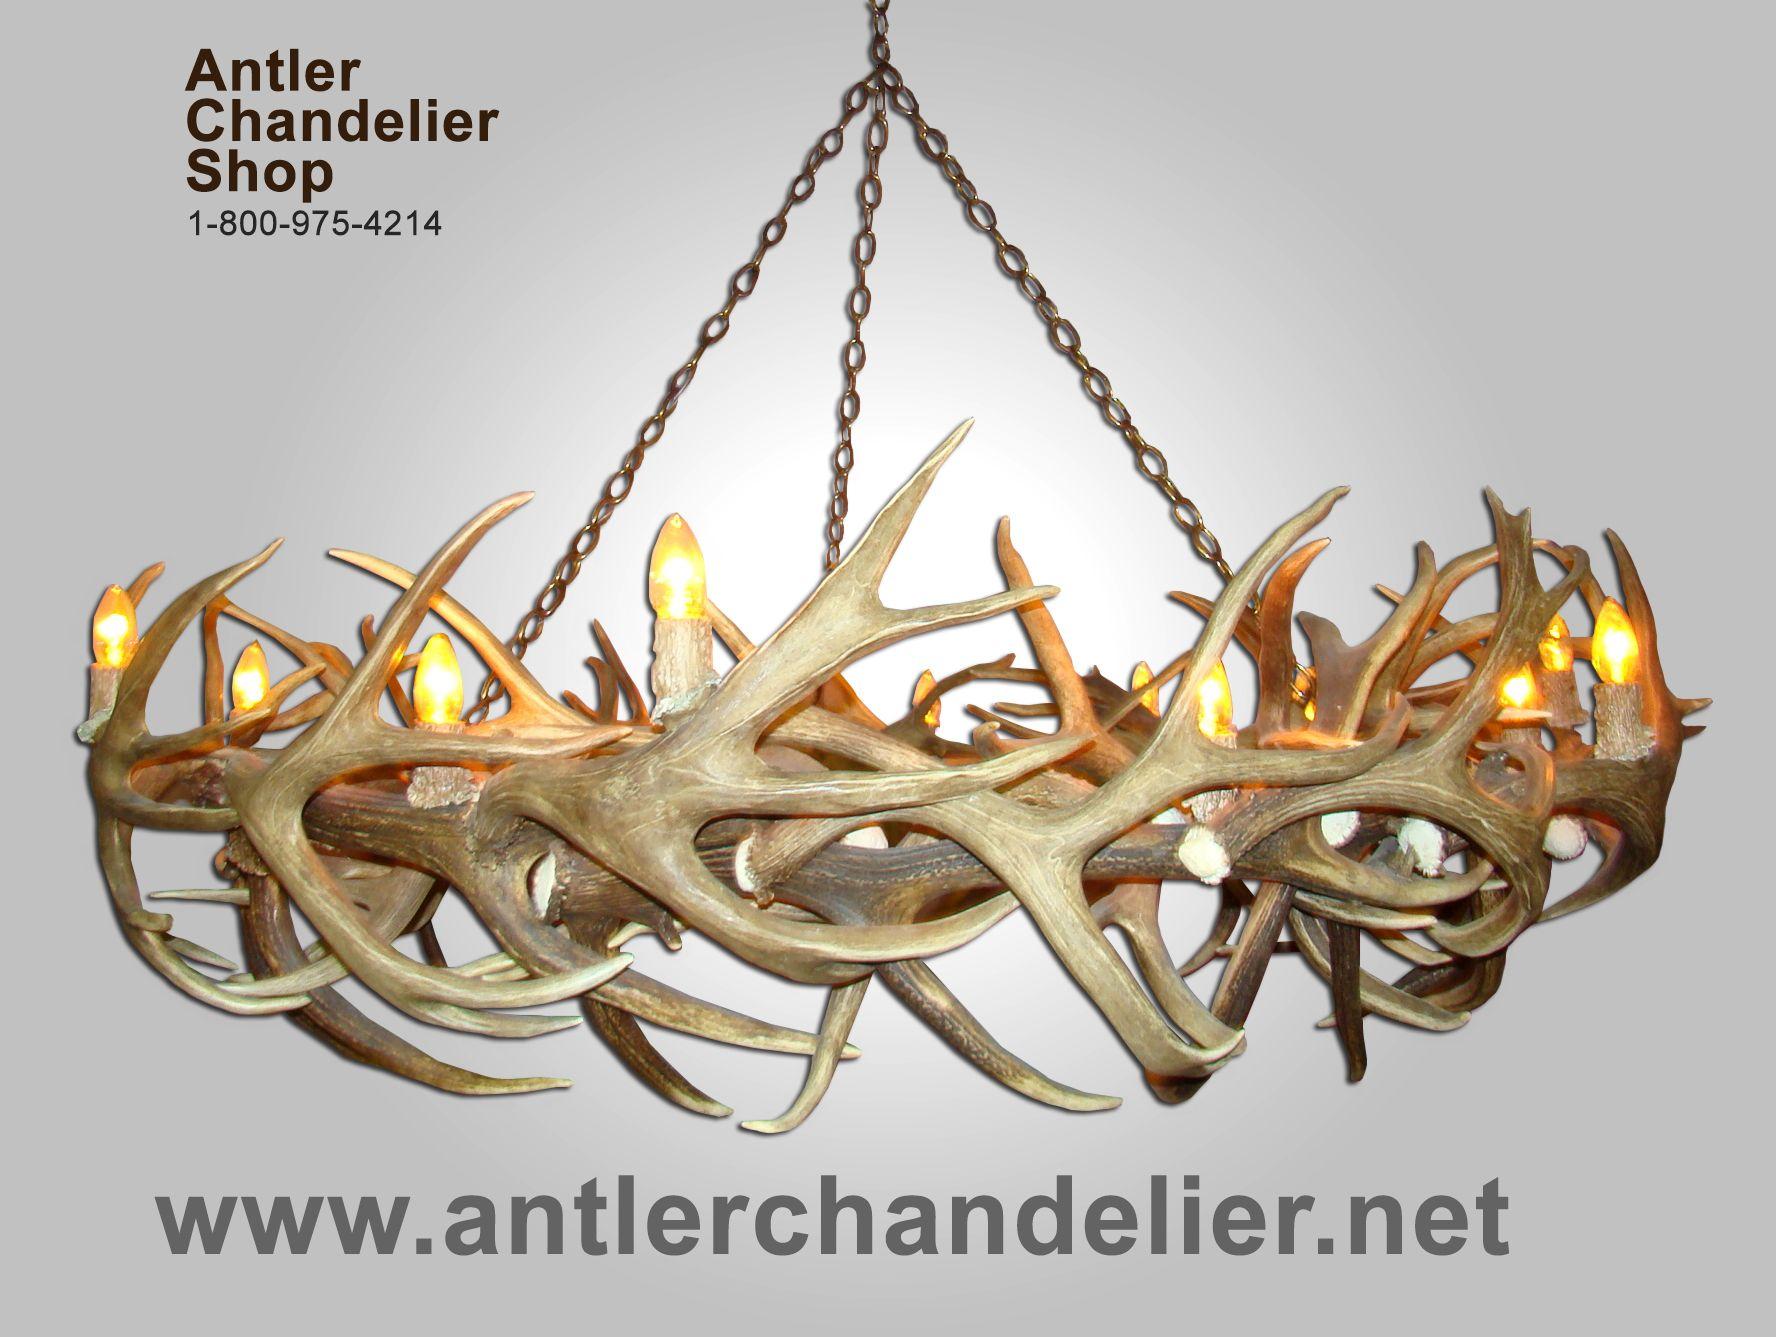 Deerantlerchandelier xl antler chandeliers antler chandelier extra large antler chandeliers antler lighting solutions from antler chandelier shop mozeypictures Choice Image